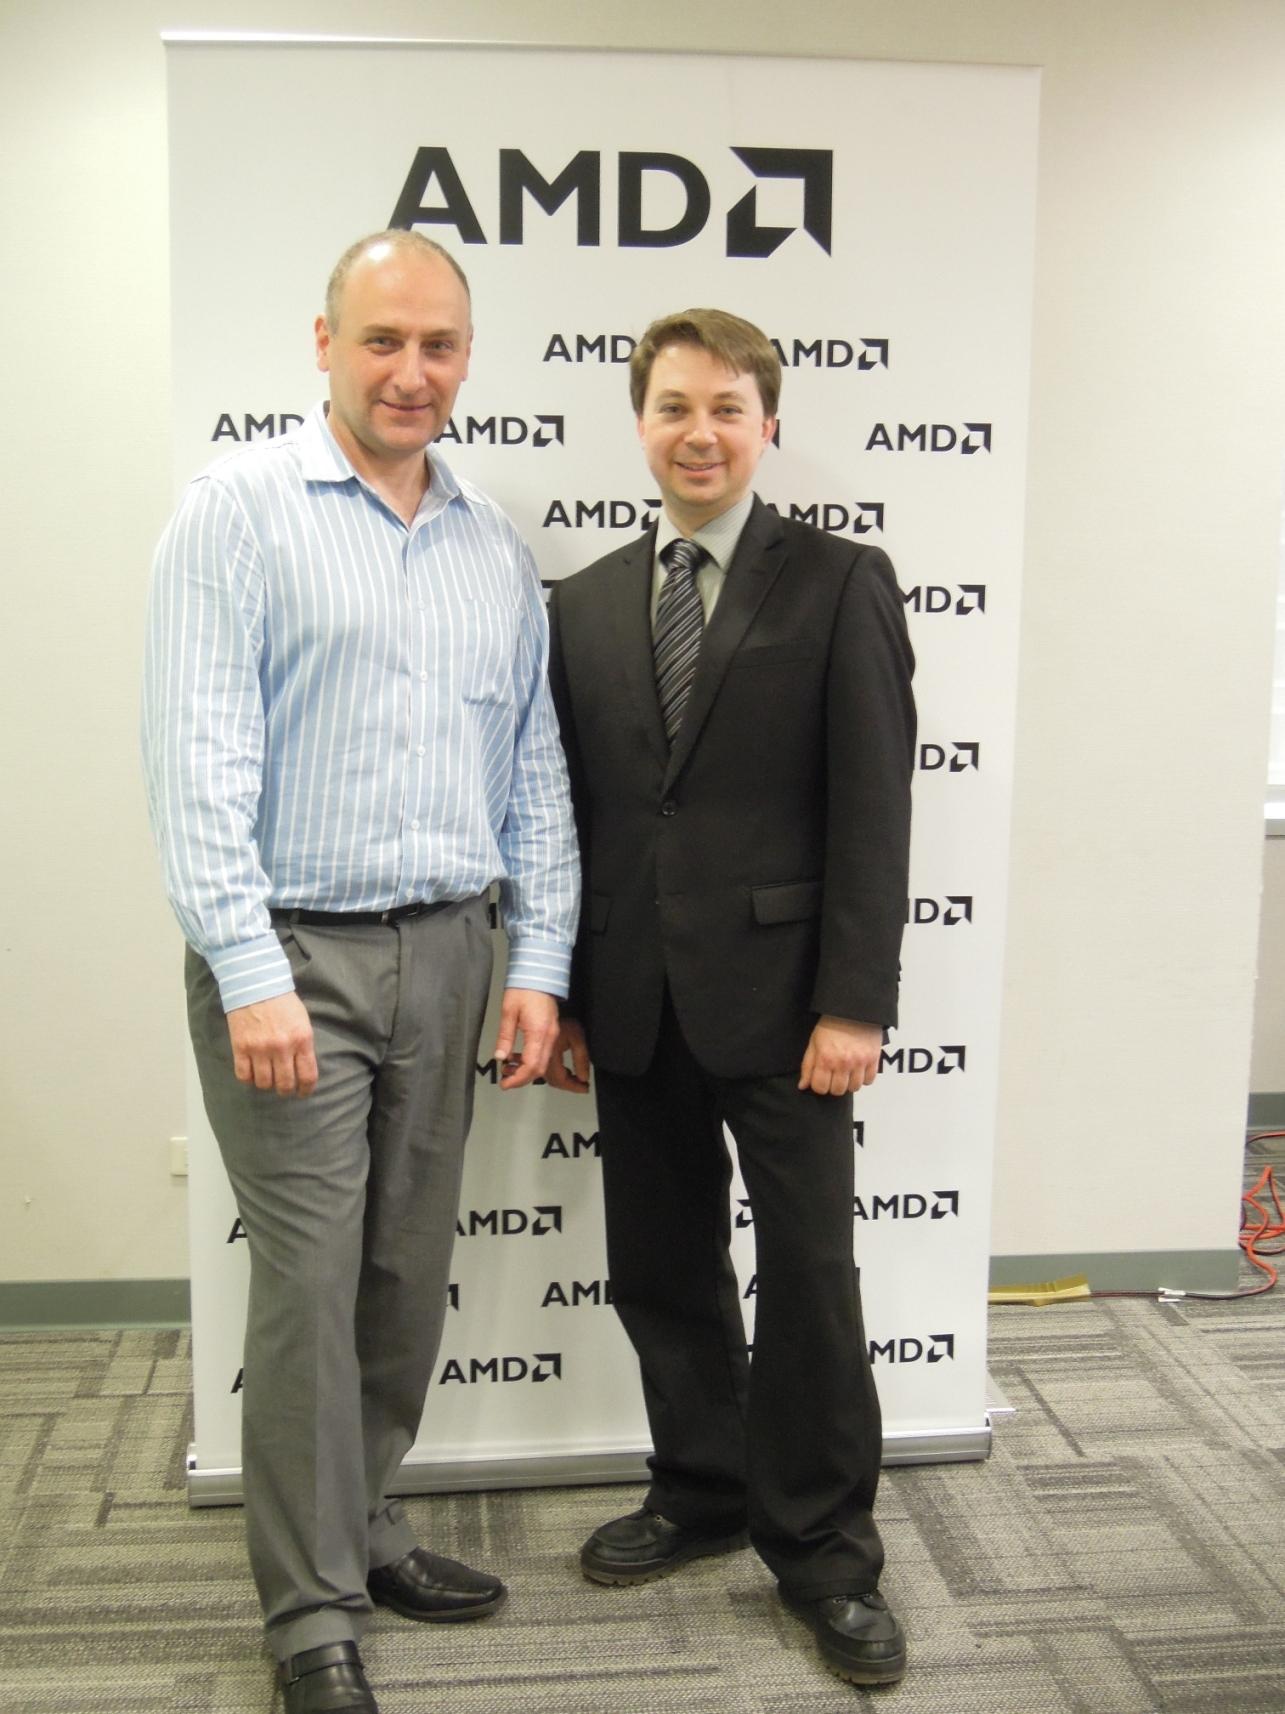 AMD推出2014年新款A系列APU 掀起運算與UltraHD超高解析度娛樂革命新浪潮